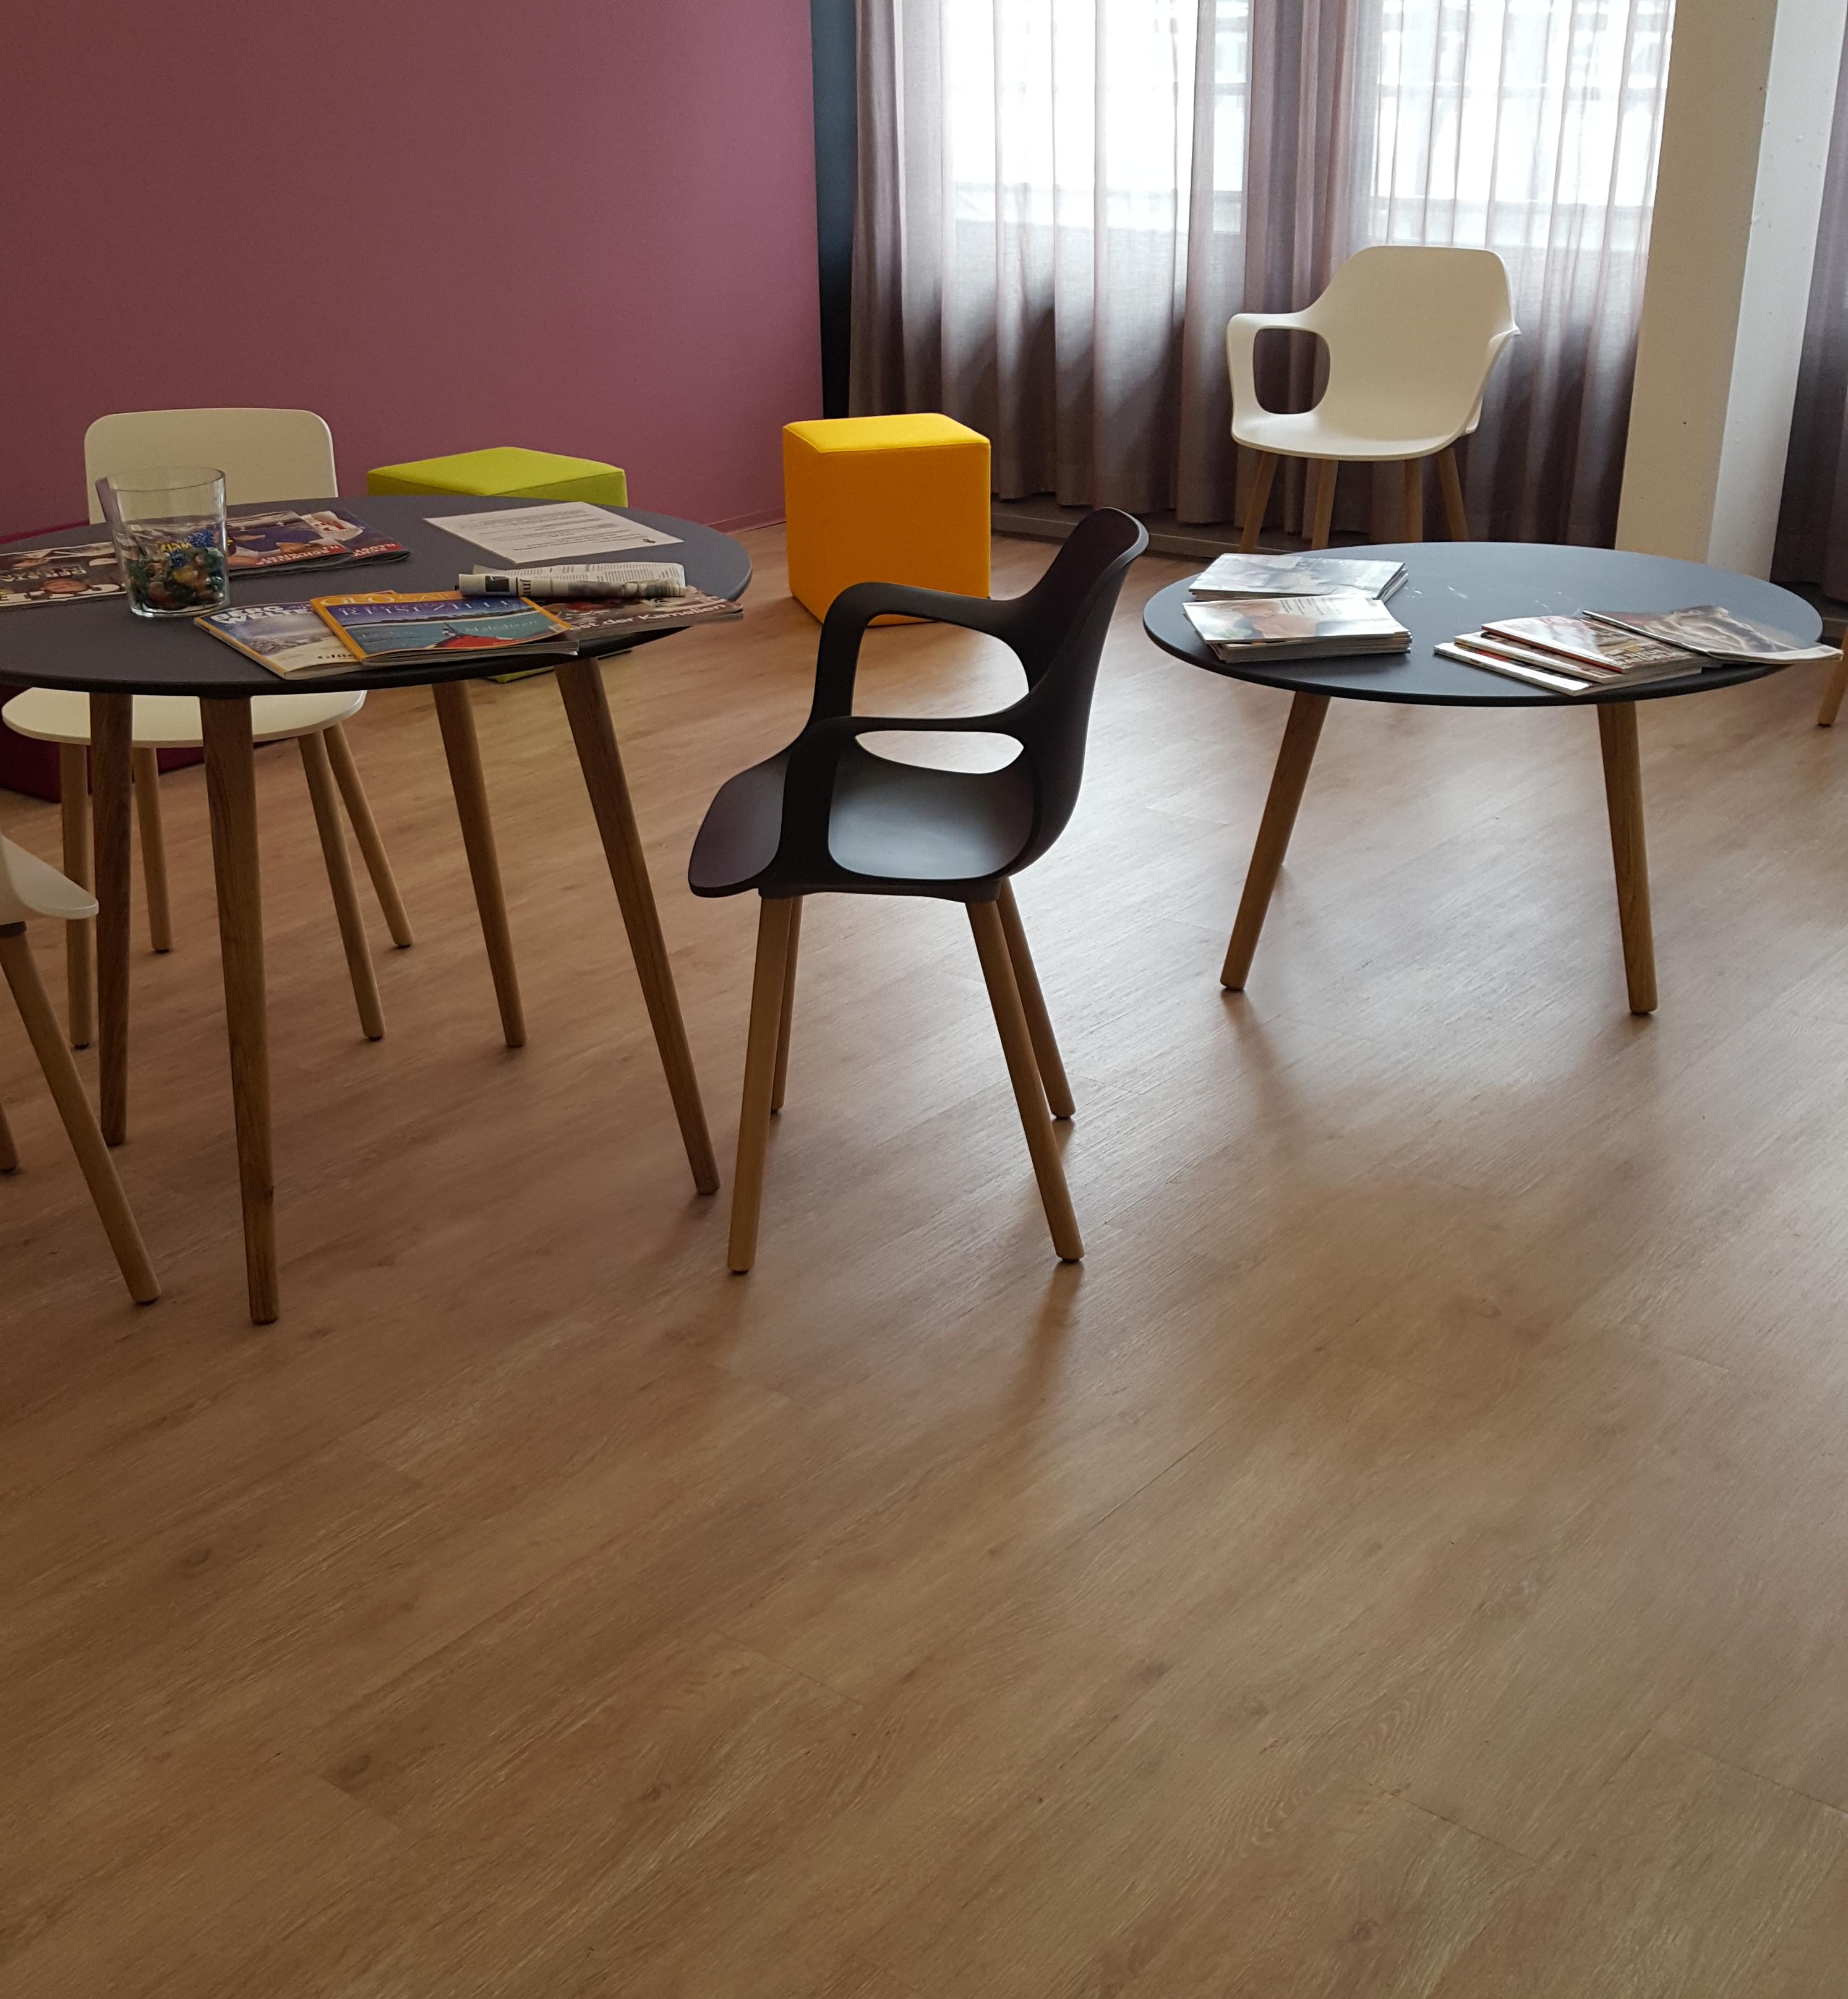 vinylboden qualitativ von unserem profi verlegen lassen allinfloor. Black Bedroom Furniture Sets. Home Design Ideas